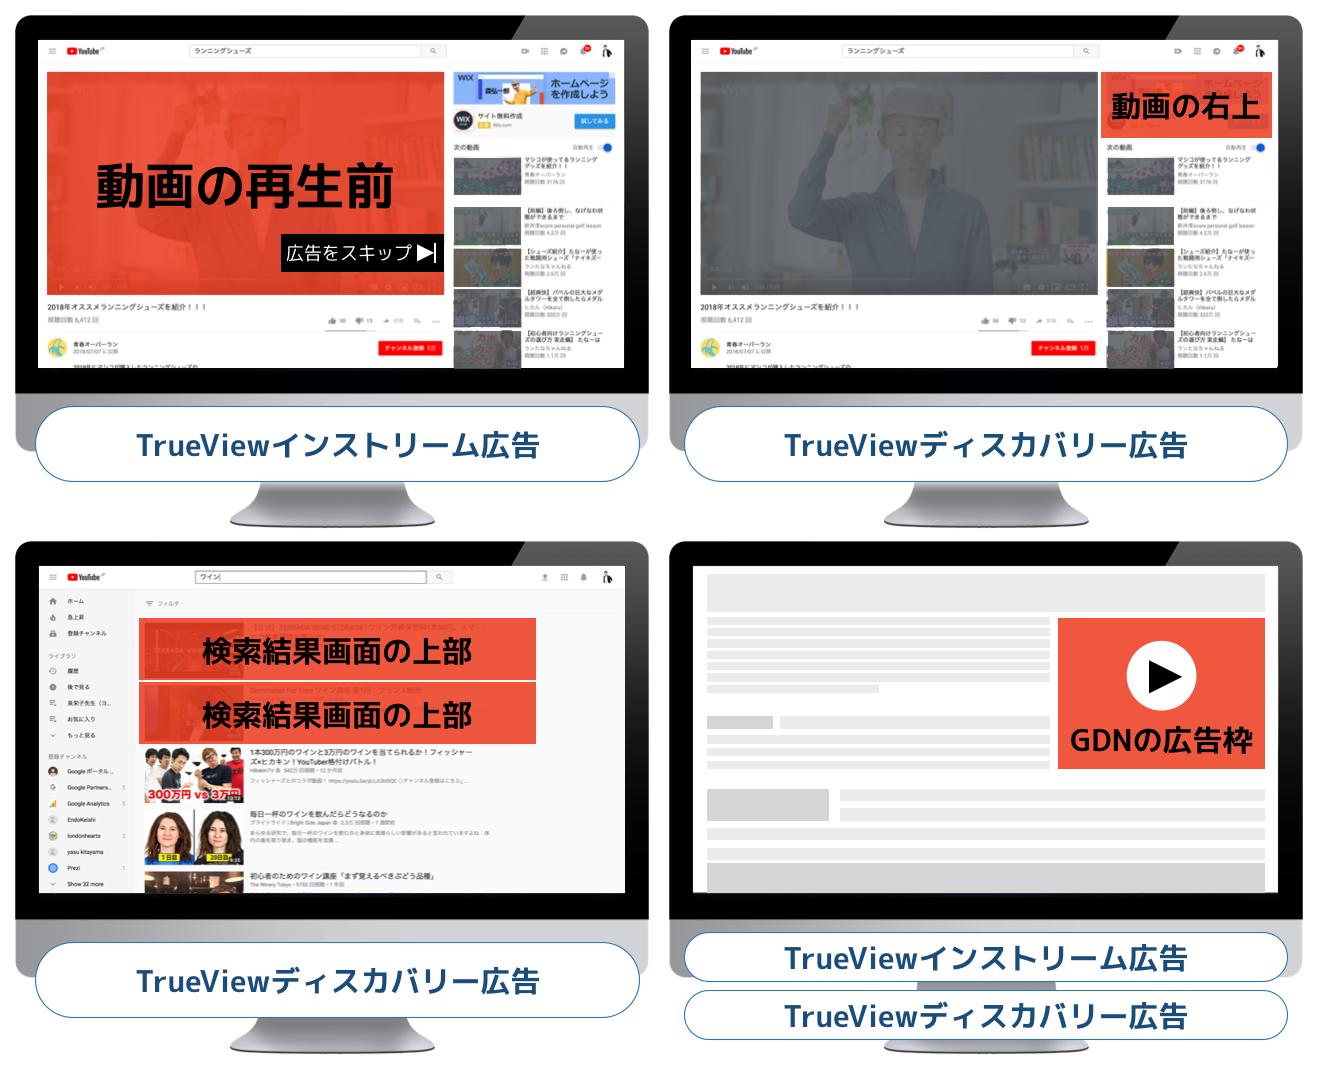 TrueView動画広告フォーマット